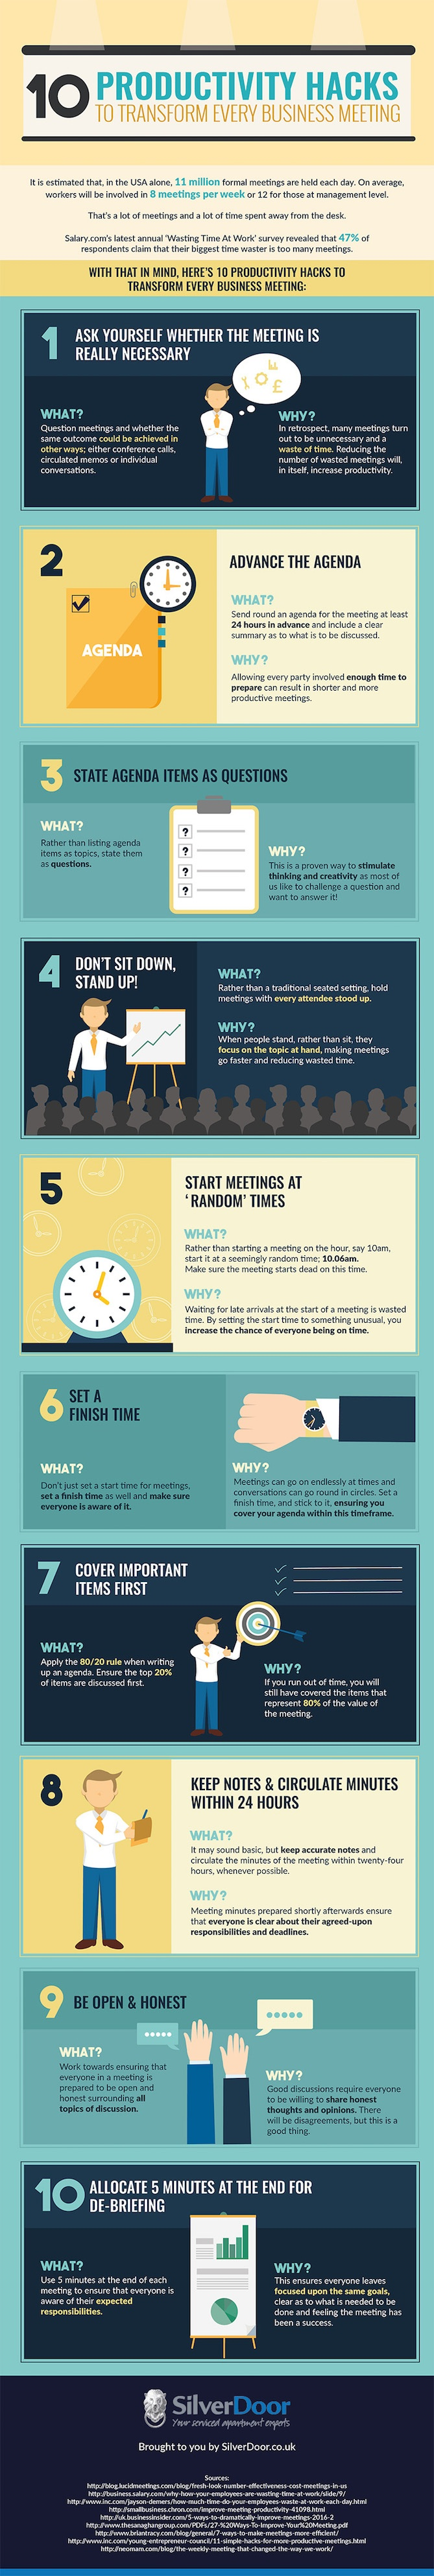 strategies-salespeople-use-run-effective-meetings.jpg